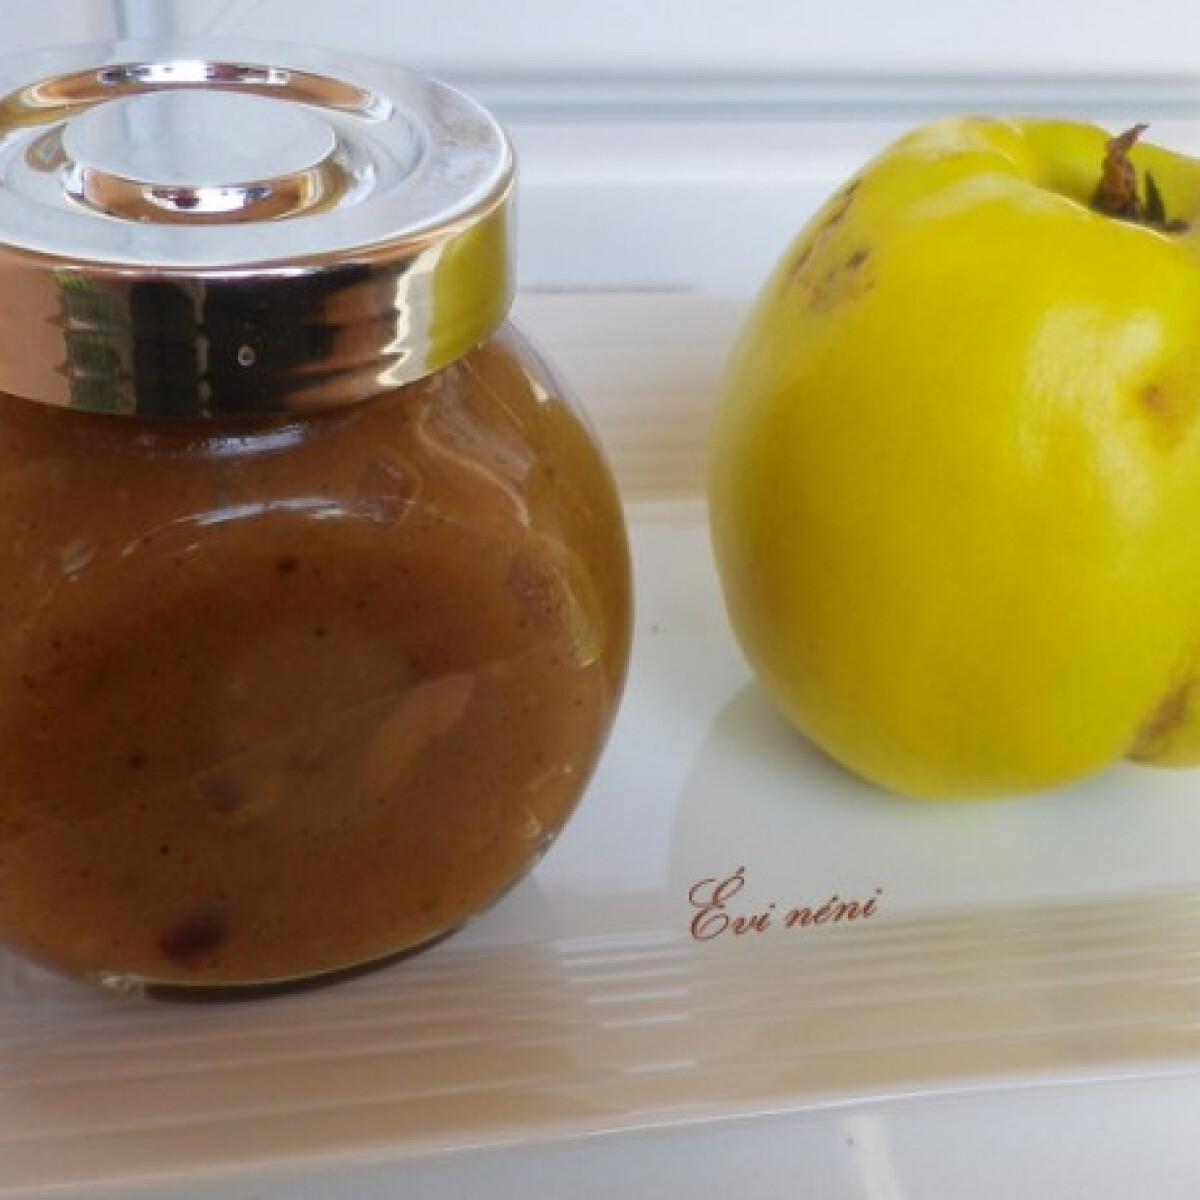 Ezen a képen: Birsalmalekvár diétásan